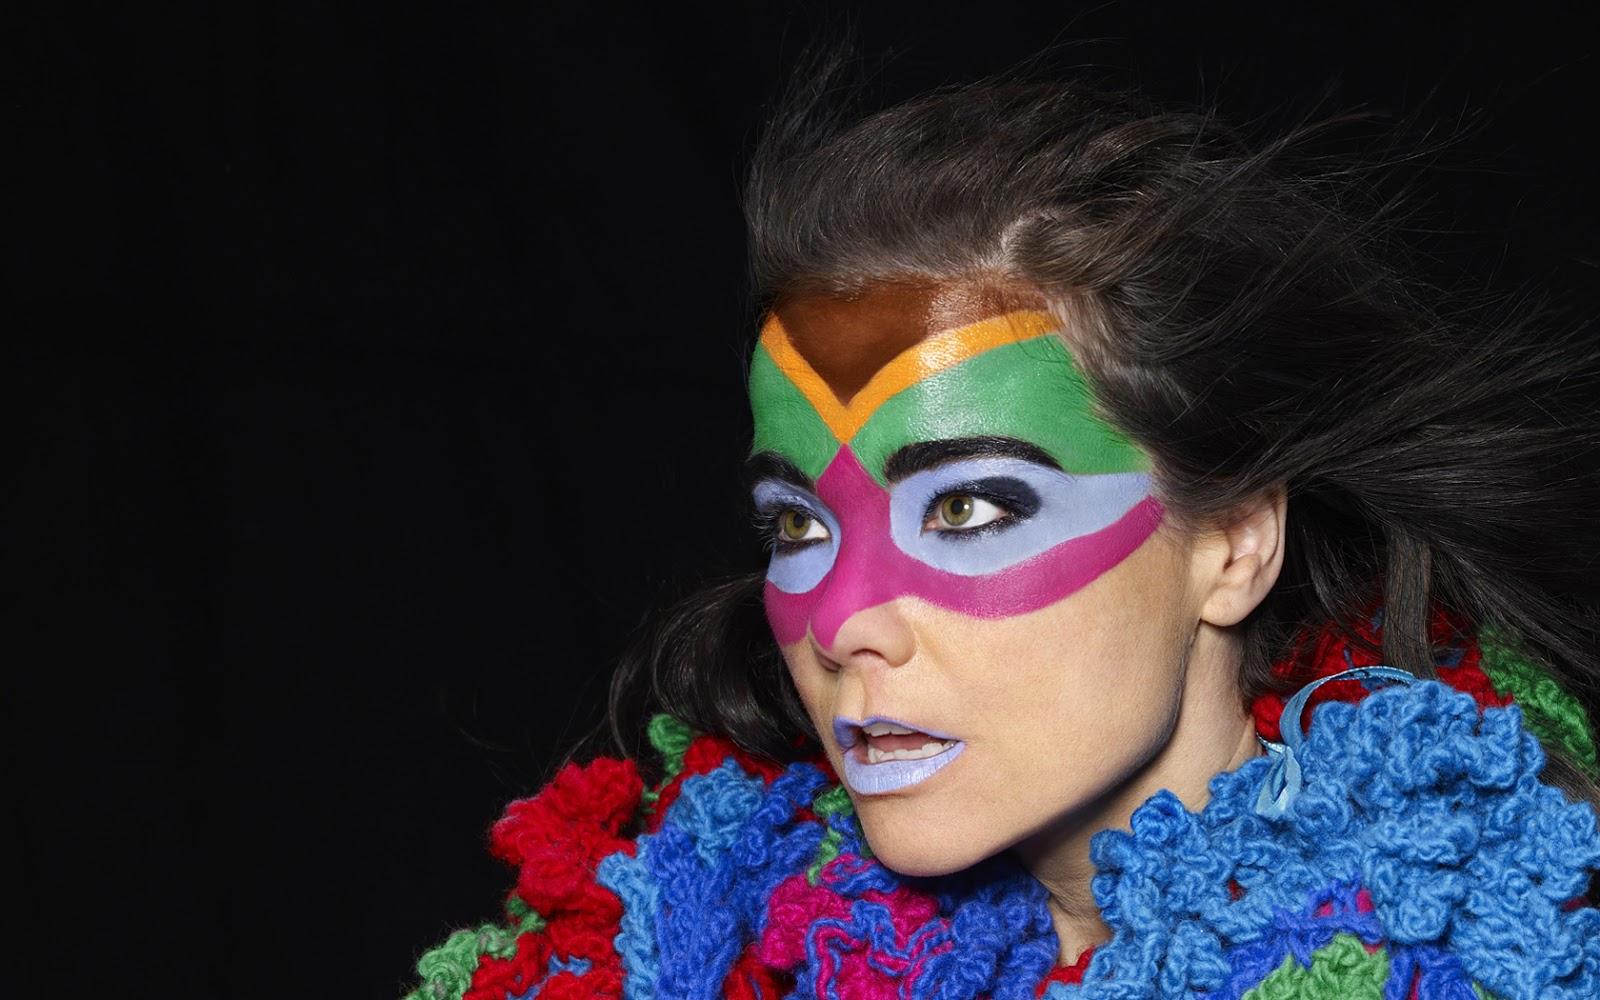 http://4.bp.blogspot.com/-ojLG-Wa_hbM/UIU533GJWAI/AAAAAAAAaPU/fJ0kZ6v7tvA/s1600/bjork-unique-makeup.jpg